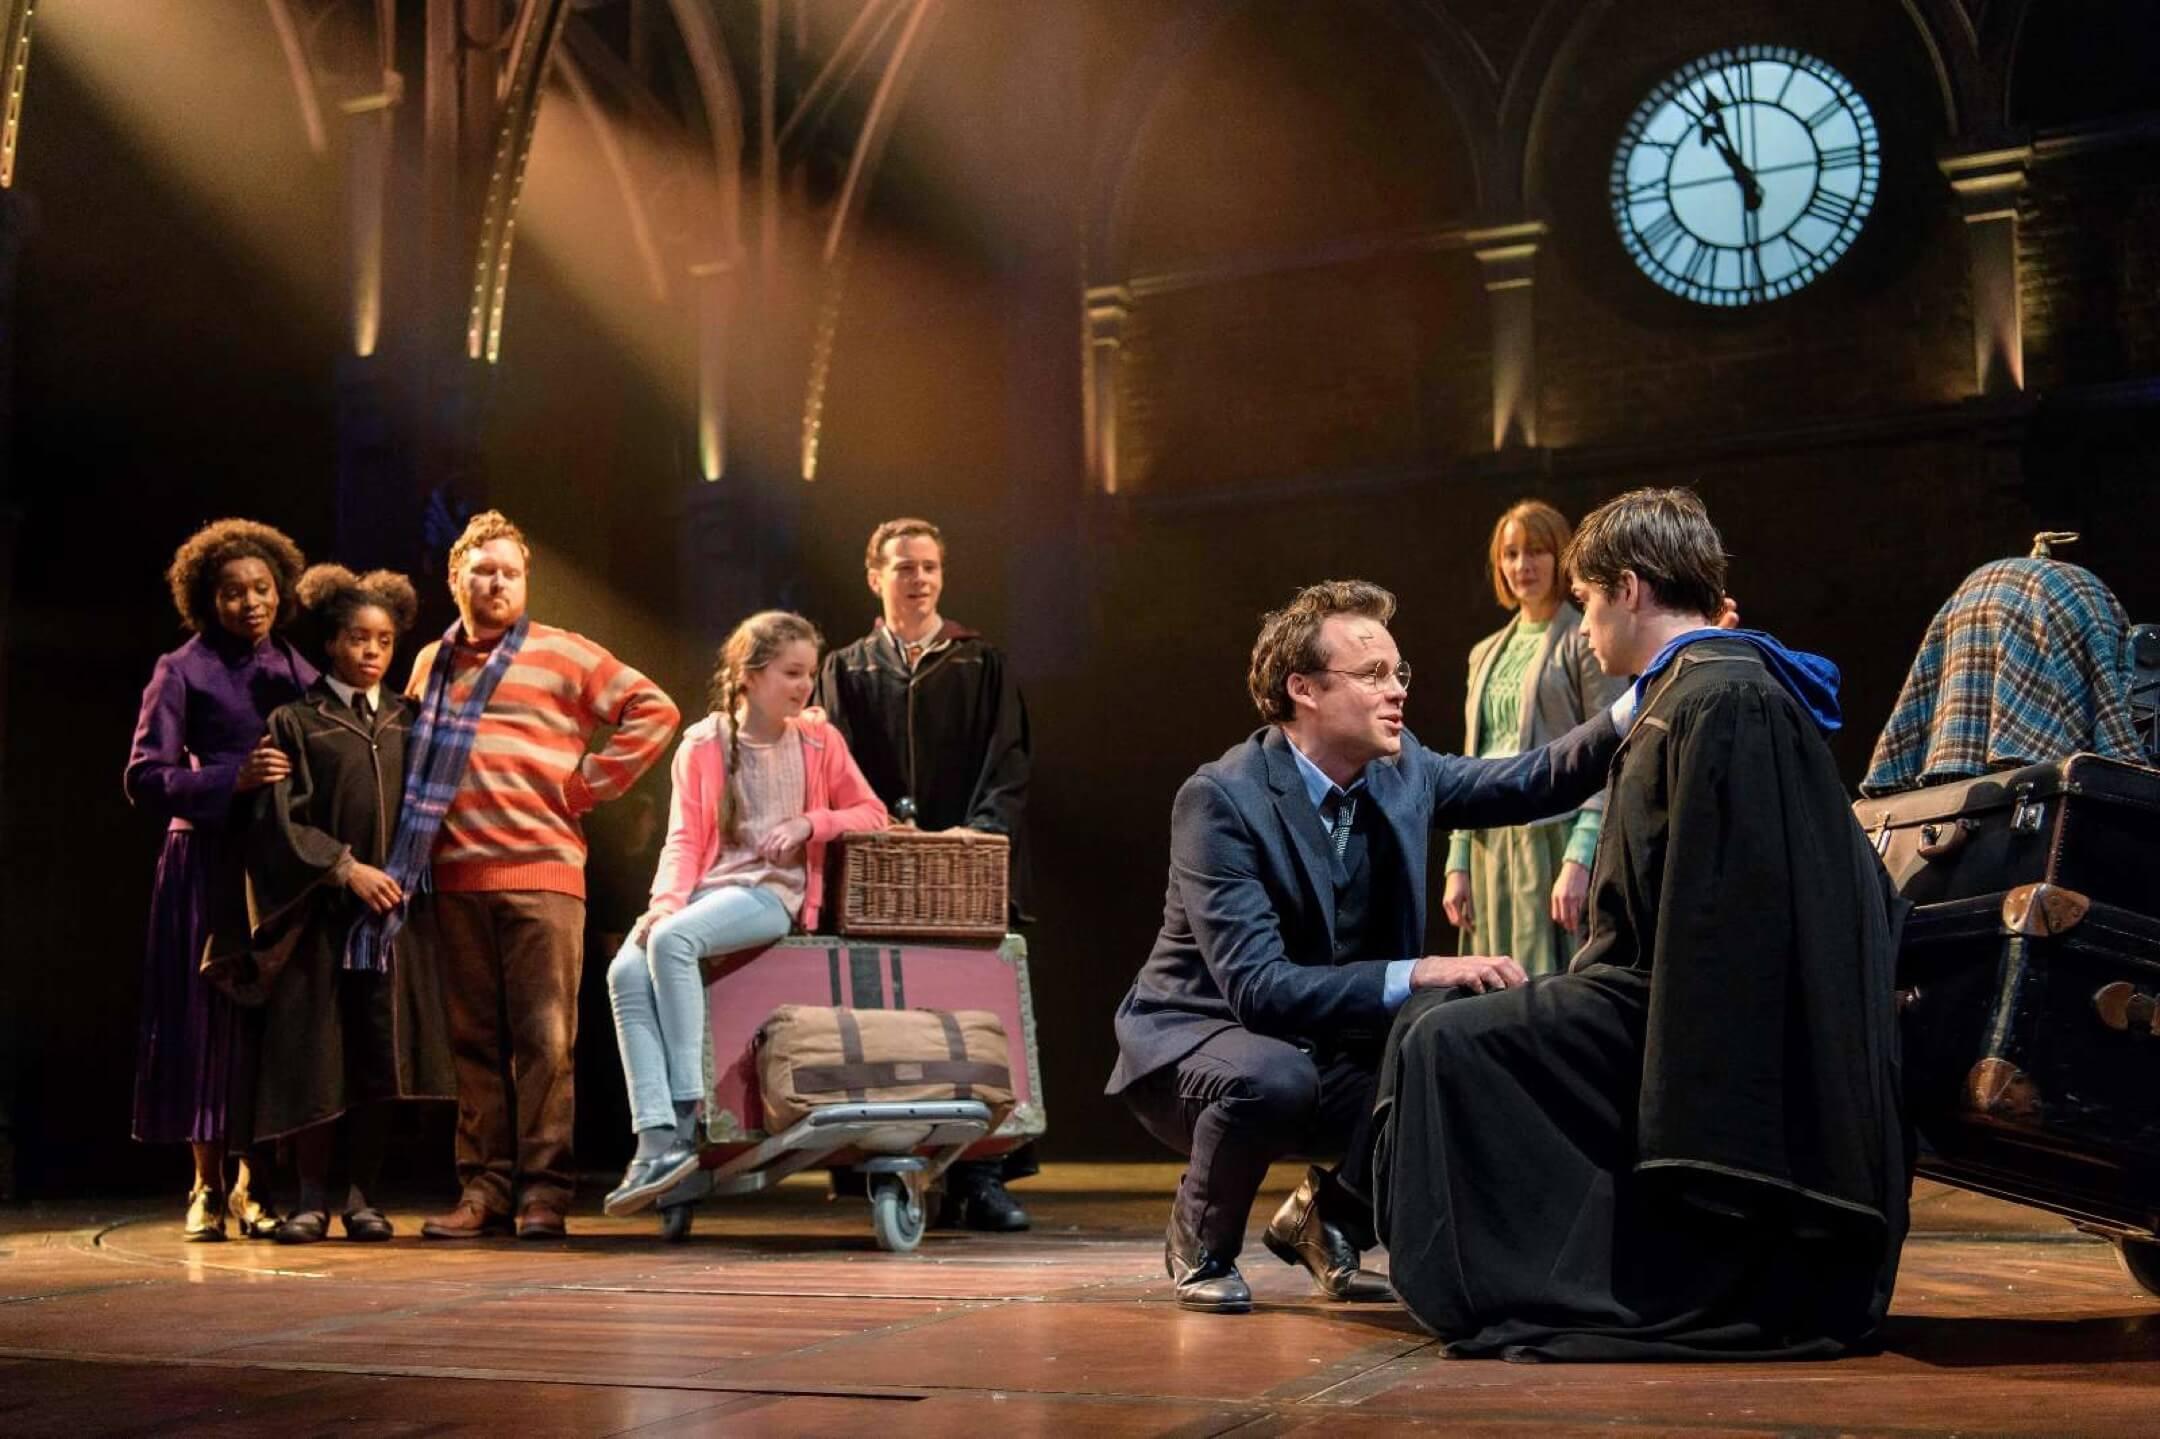 舞台劇《哈利波特與被詛咒的孩子》劇照。